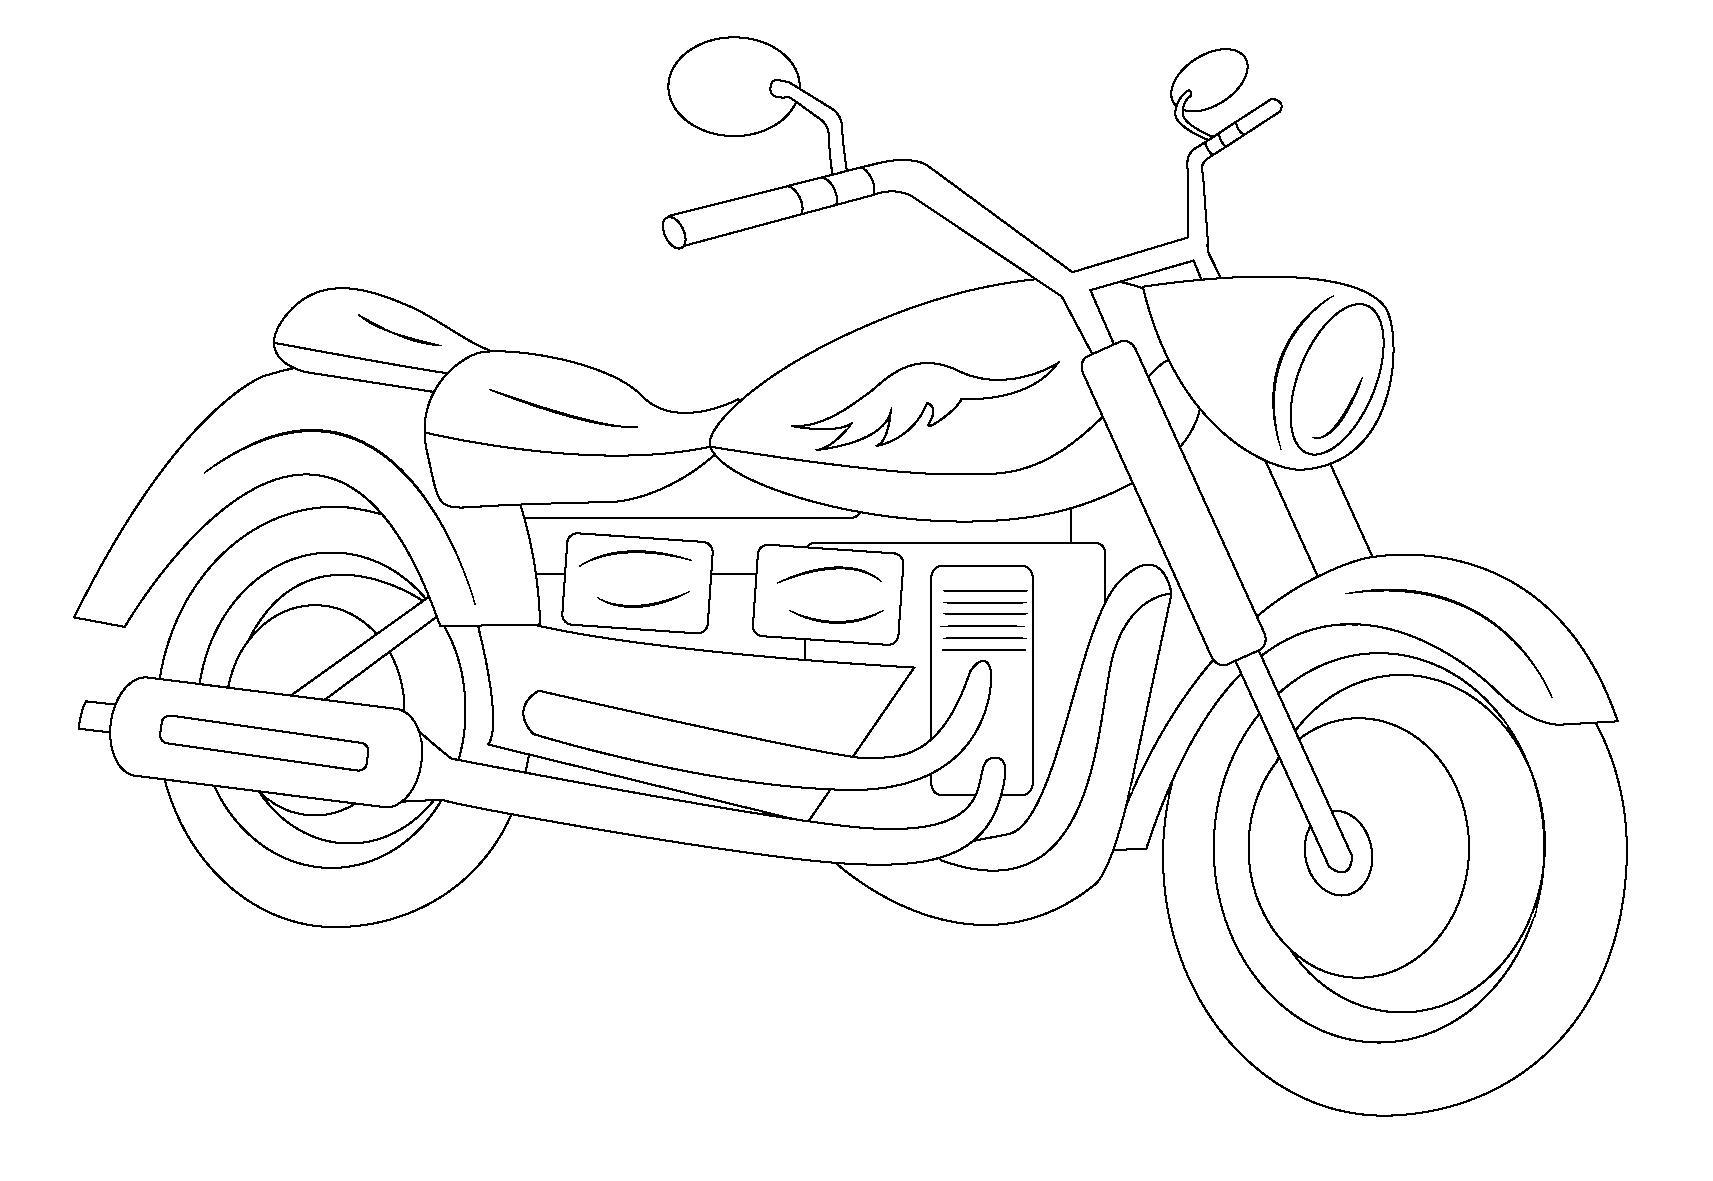 Мотоцикл харлей дэвидсон спорт Распечатать раскраски для мальчиков